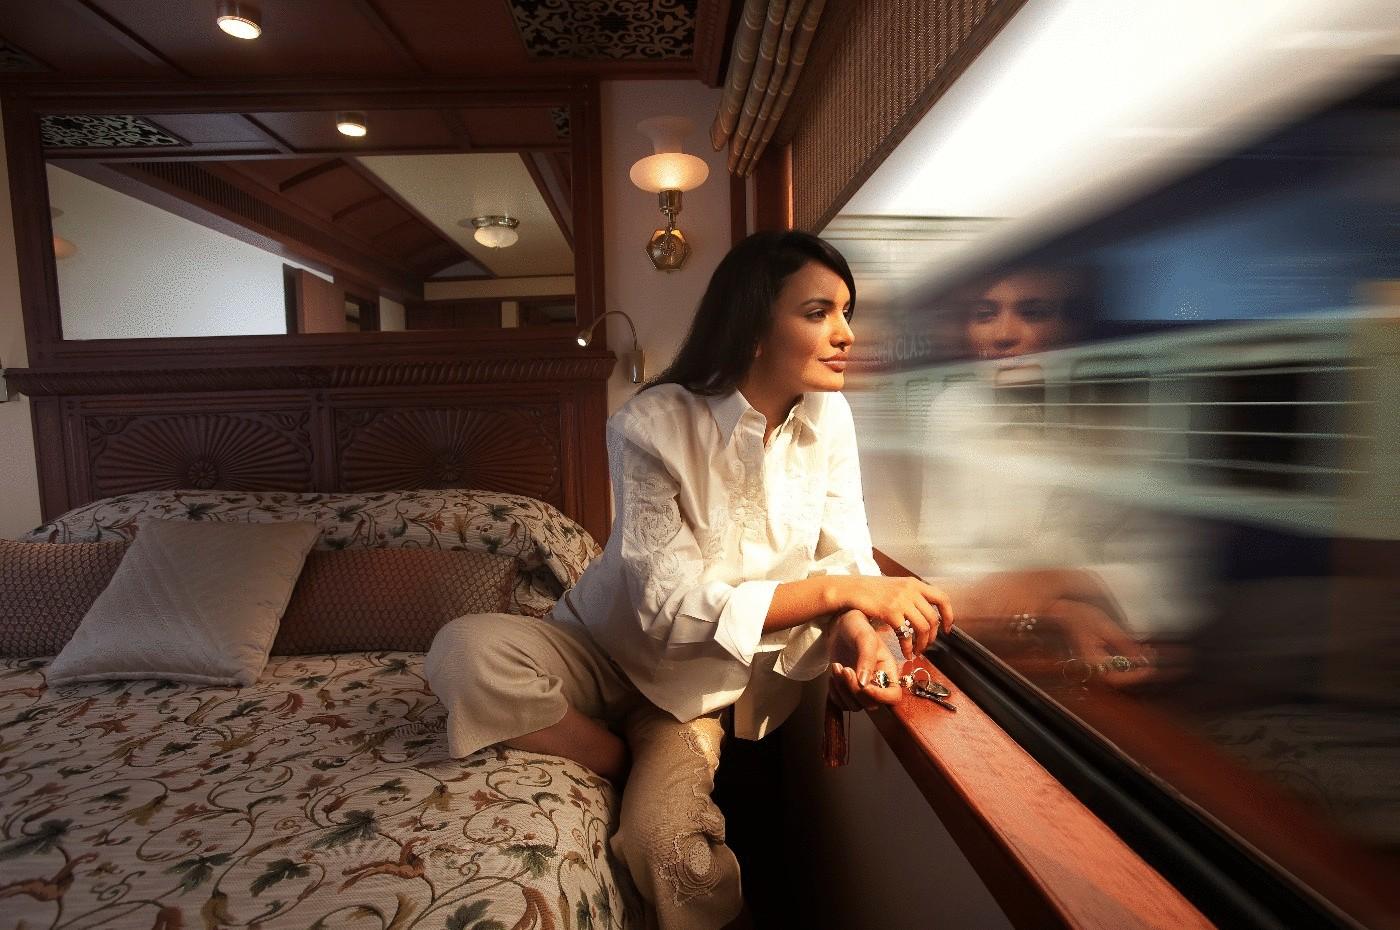 Во сне едете на поезде: что означает такой сон